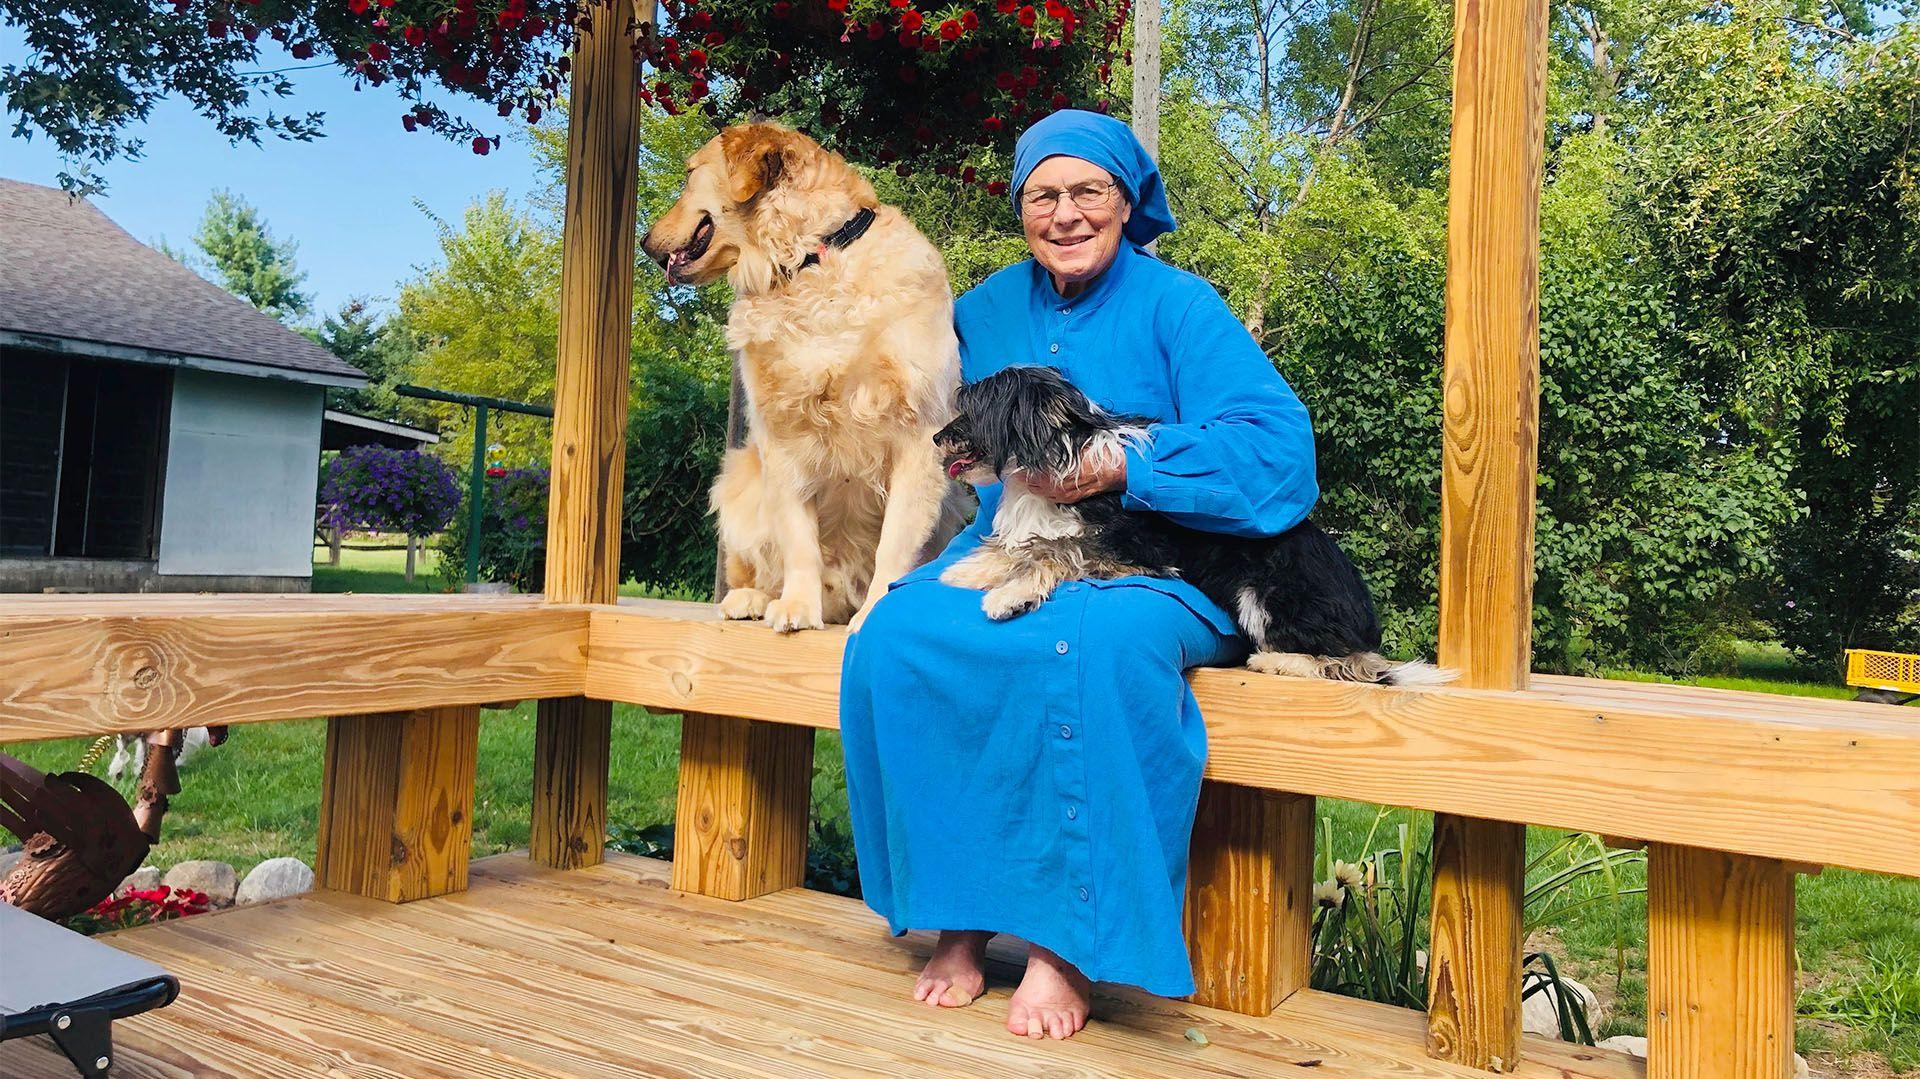 La hermana Pauline Quinn, la monja estadounidense que ideó el programa de adiestramiento de perros en cárceles